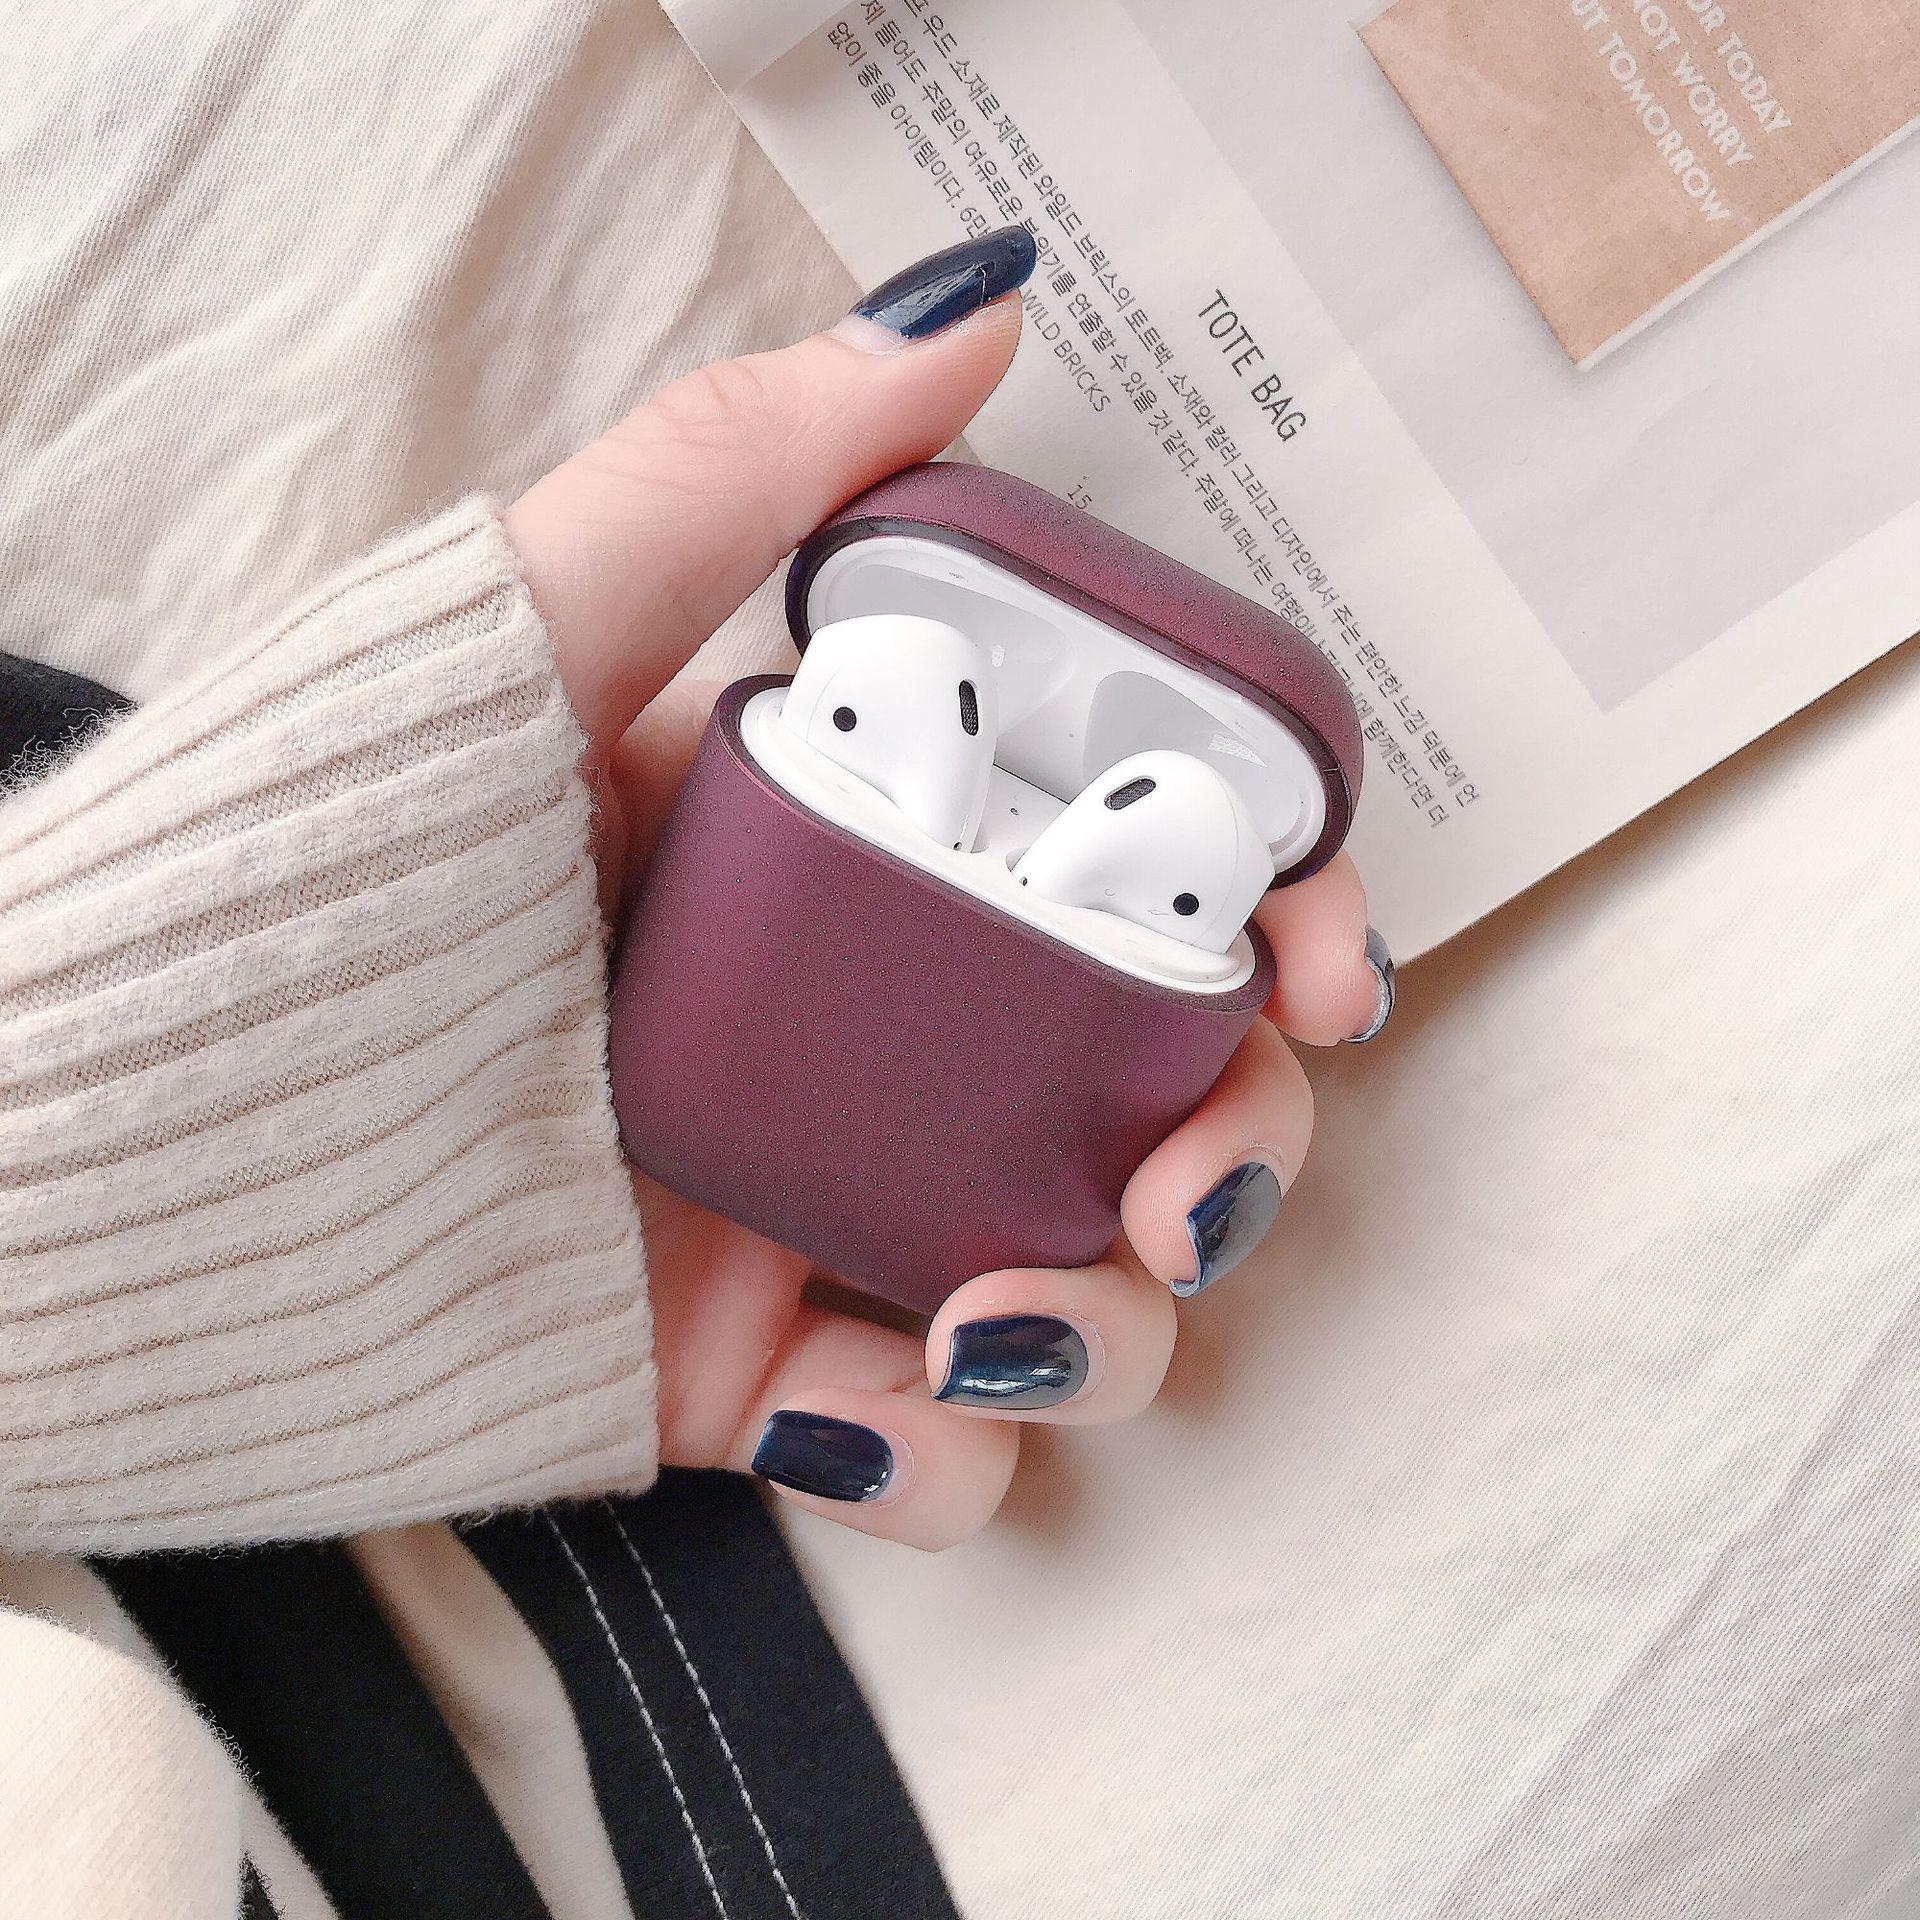 Роскошная мраморная УФ жесткий наушников чехол для Apple AirPods про 3 AirPods3 защитный чехол наушники EarPods беспроводная связь Bluetooth защитный чехол